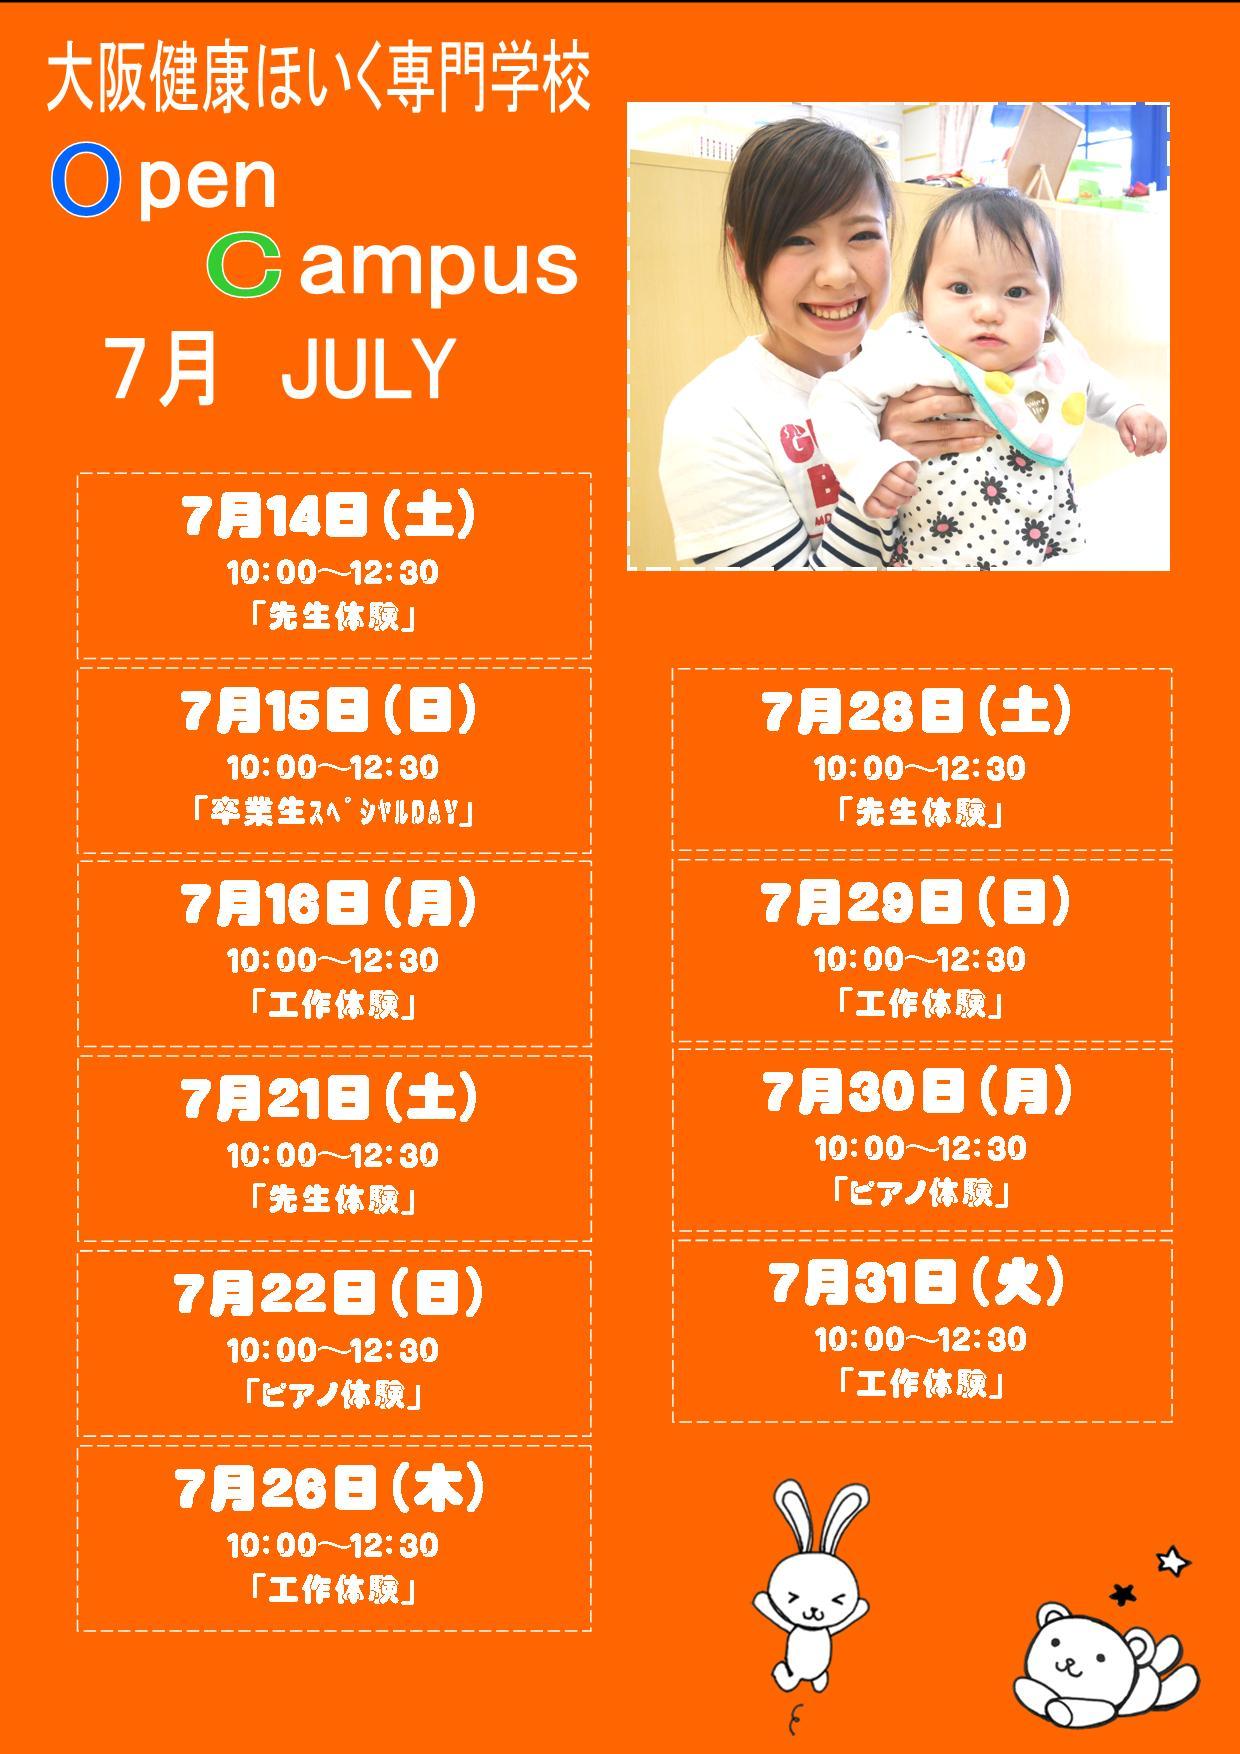 ☆7月オープンキャンパス情報☆